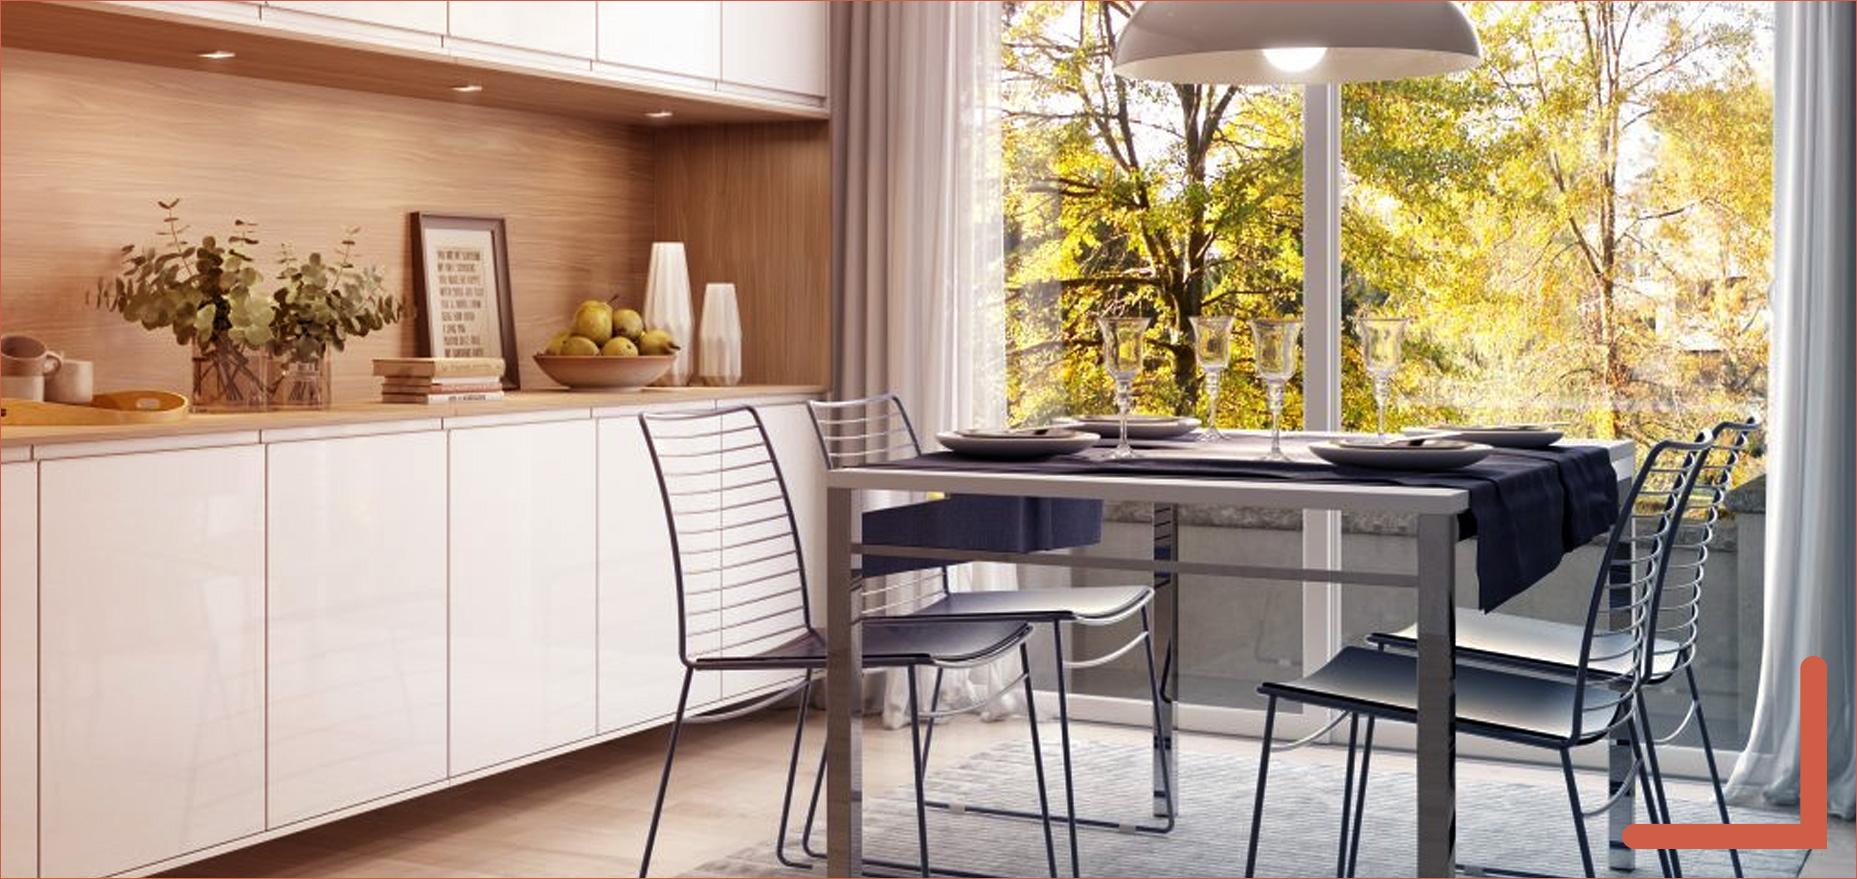 Sala de jantar com móveis da marca Italínea